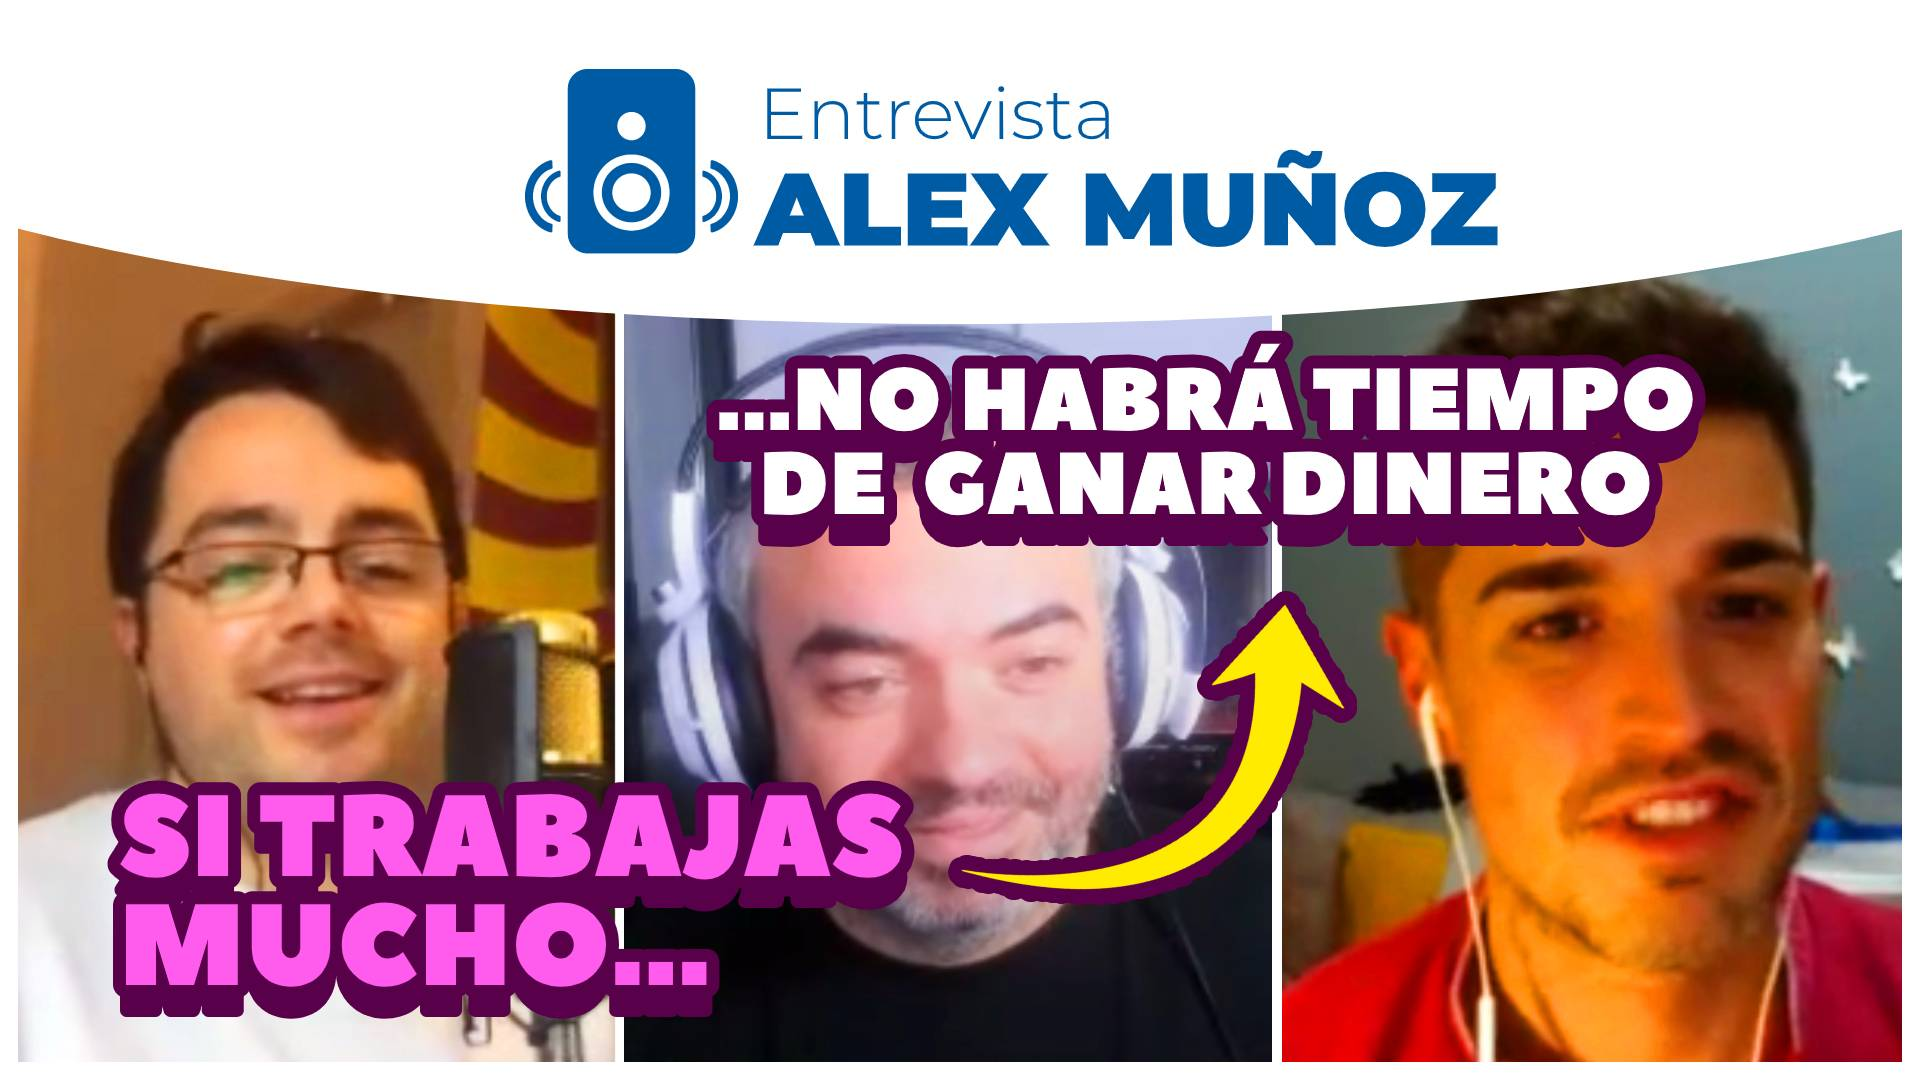 125. Emprendimiento y ocio nocturno con Alex Muñoz